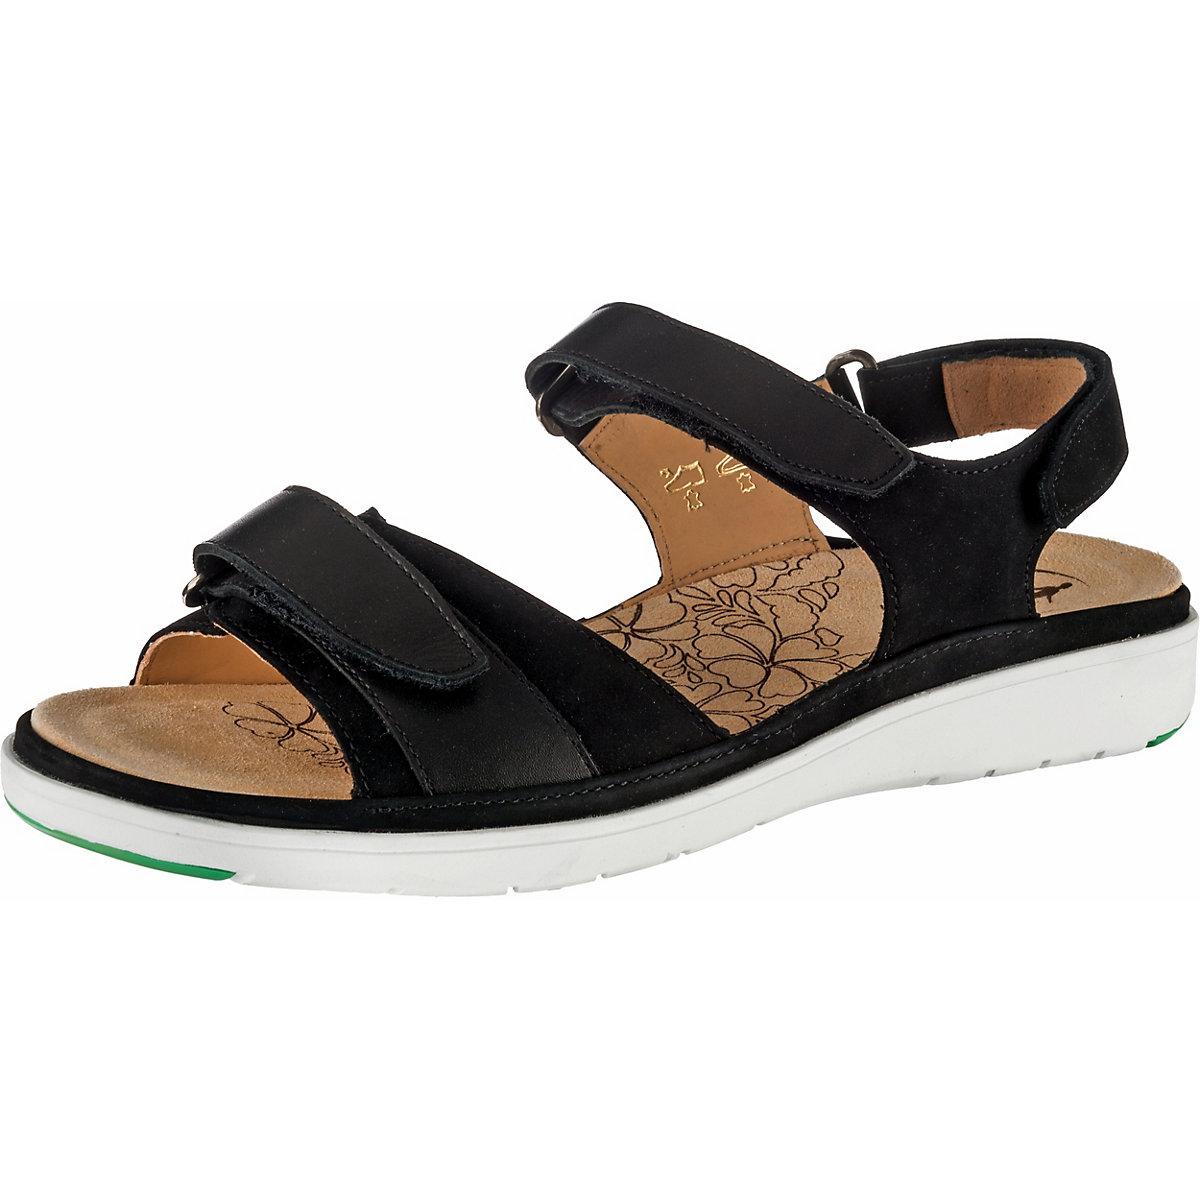 Ganter, GINA Klassische Sandalen, schwarz  Gute Qualität beliebte Schuhe